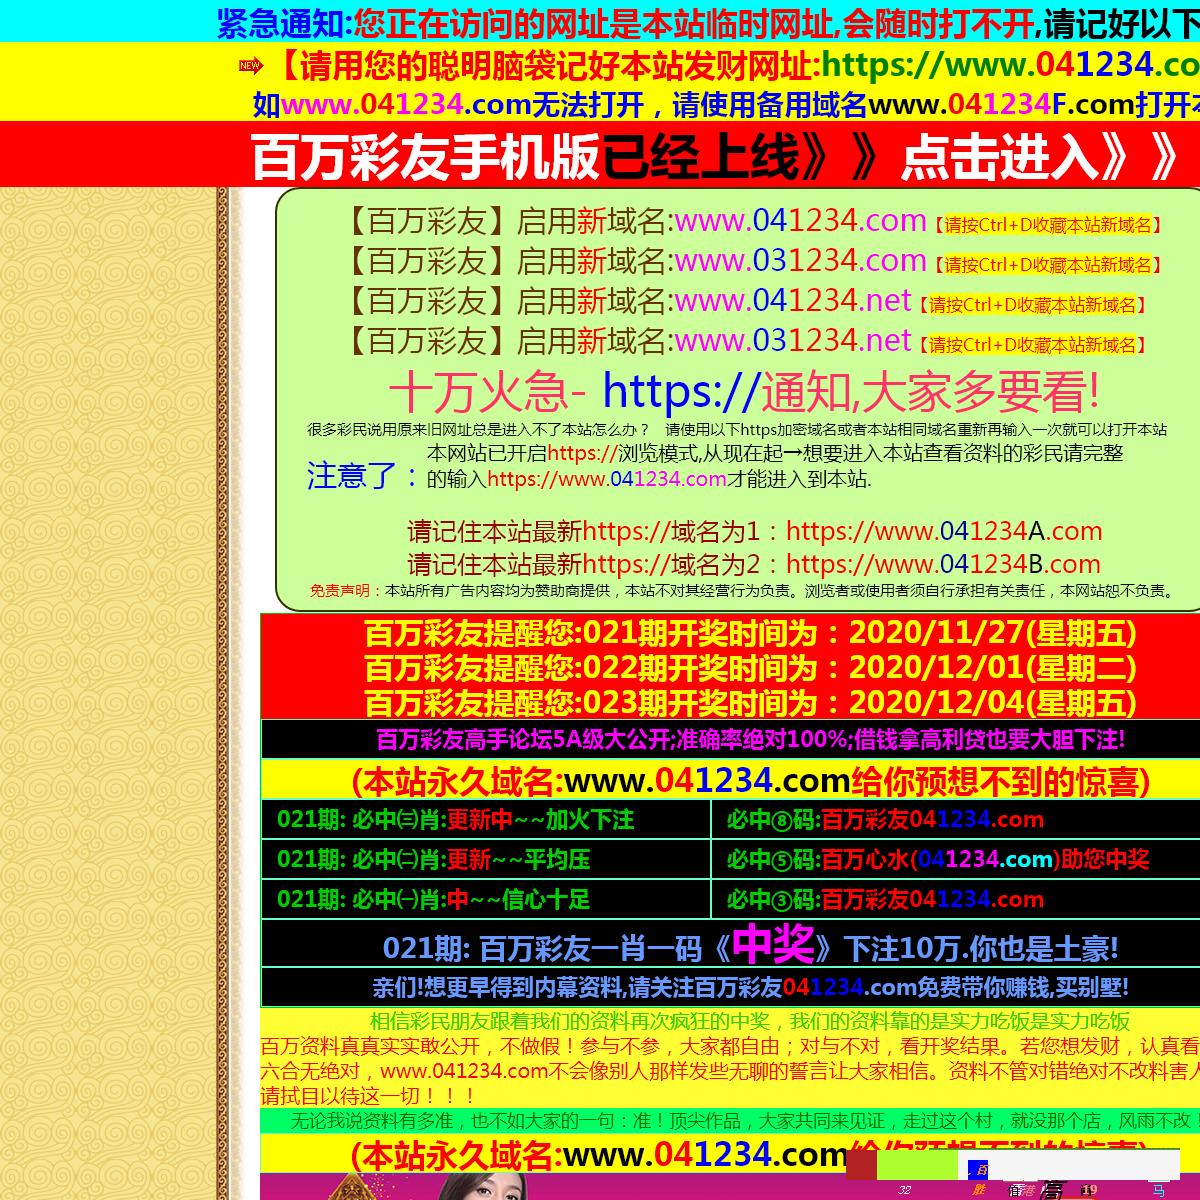 香港马会开奖结果,六台宝典开奖记录,香港最快开奖结果2020论坛,www.775412.com,www.154222.com